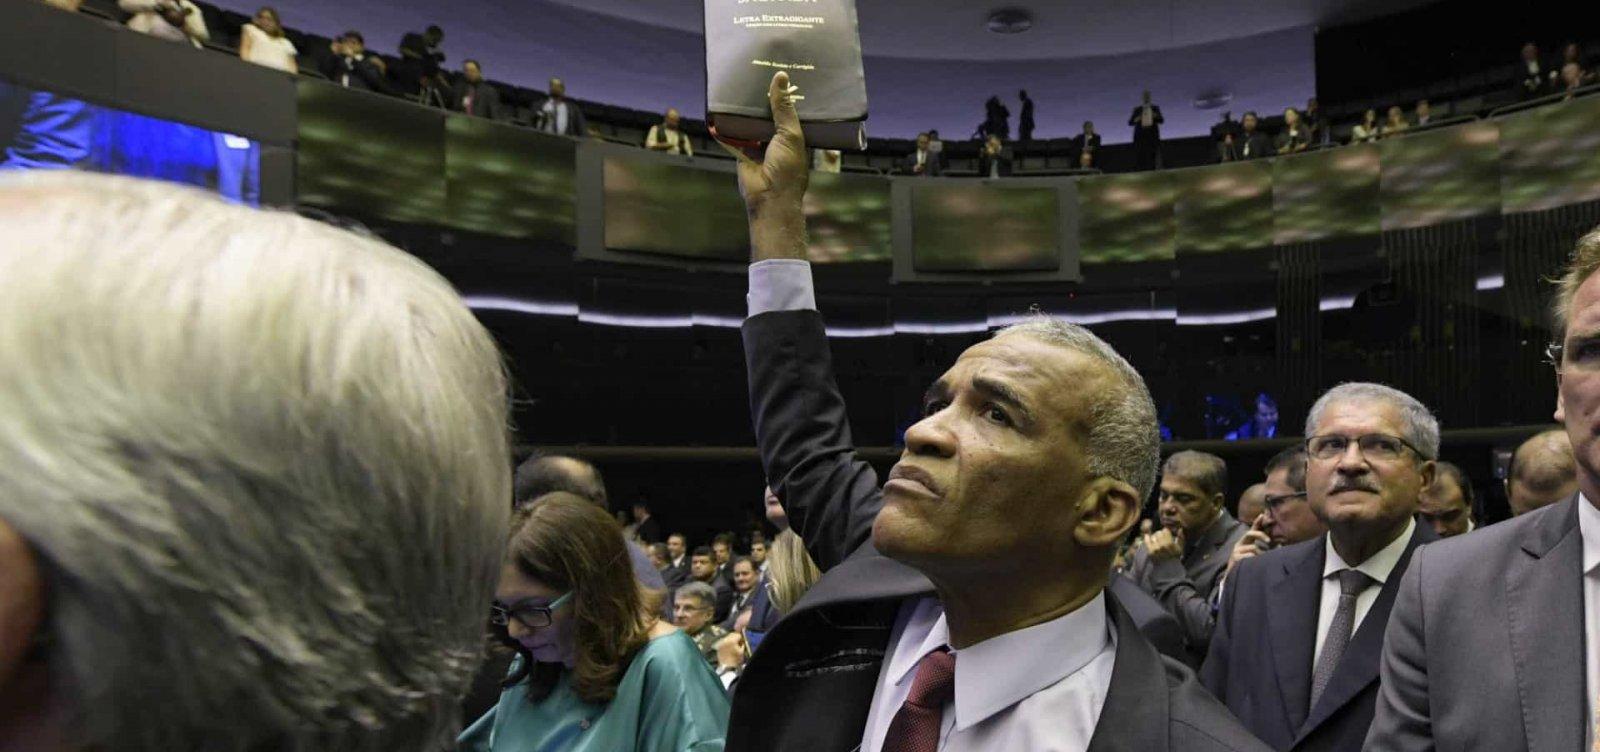 Isidório quer ser interlocutor da Câmara com Bolsonaro: 'Para conversar com doido, só outro doido'